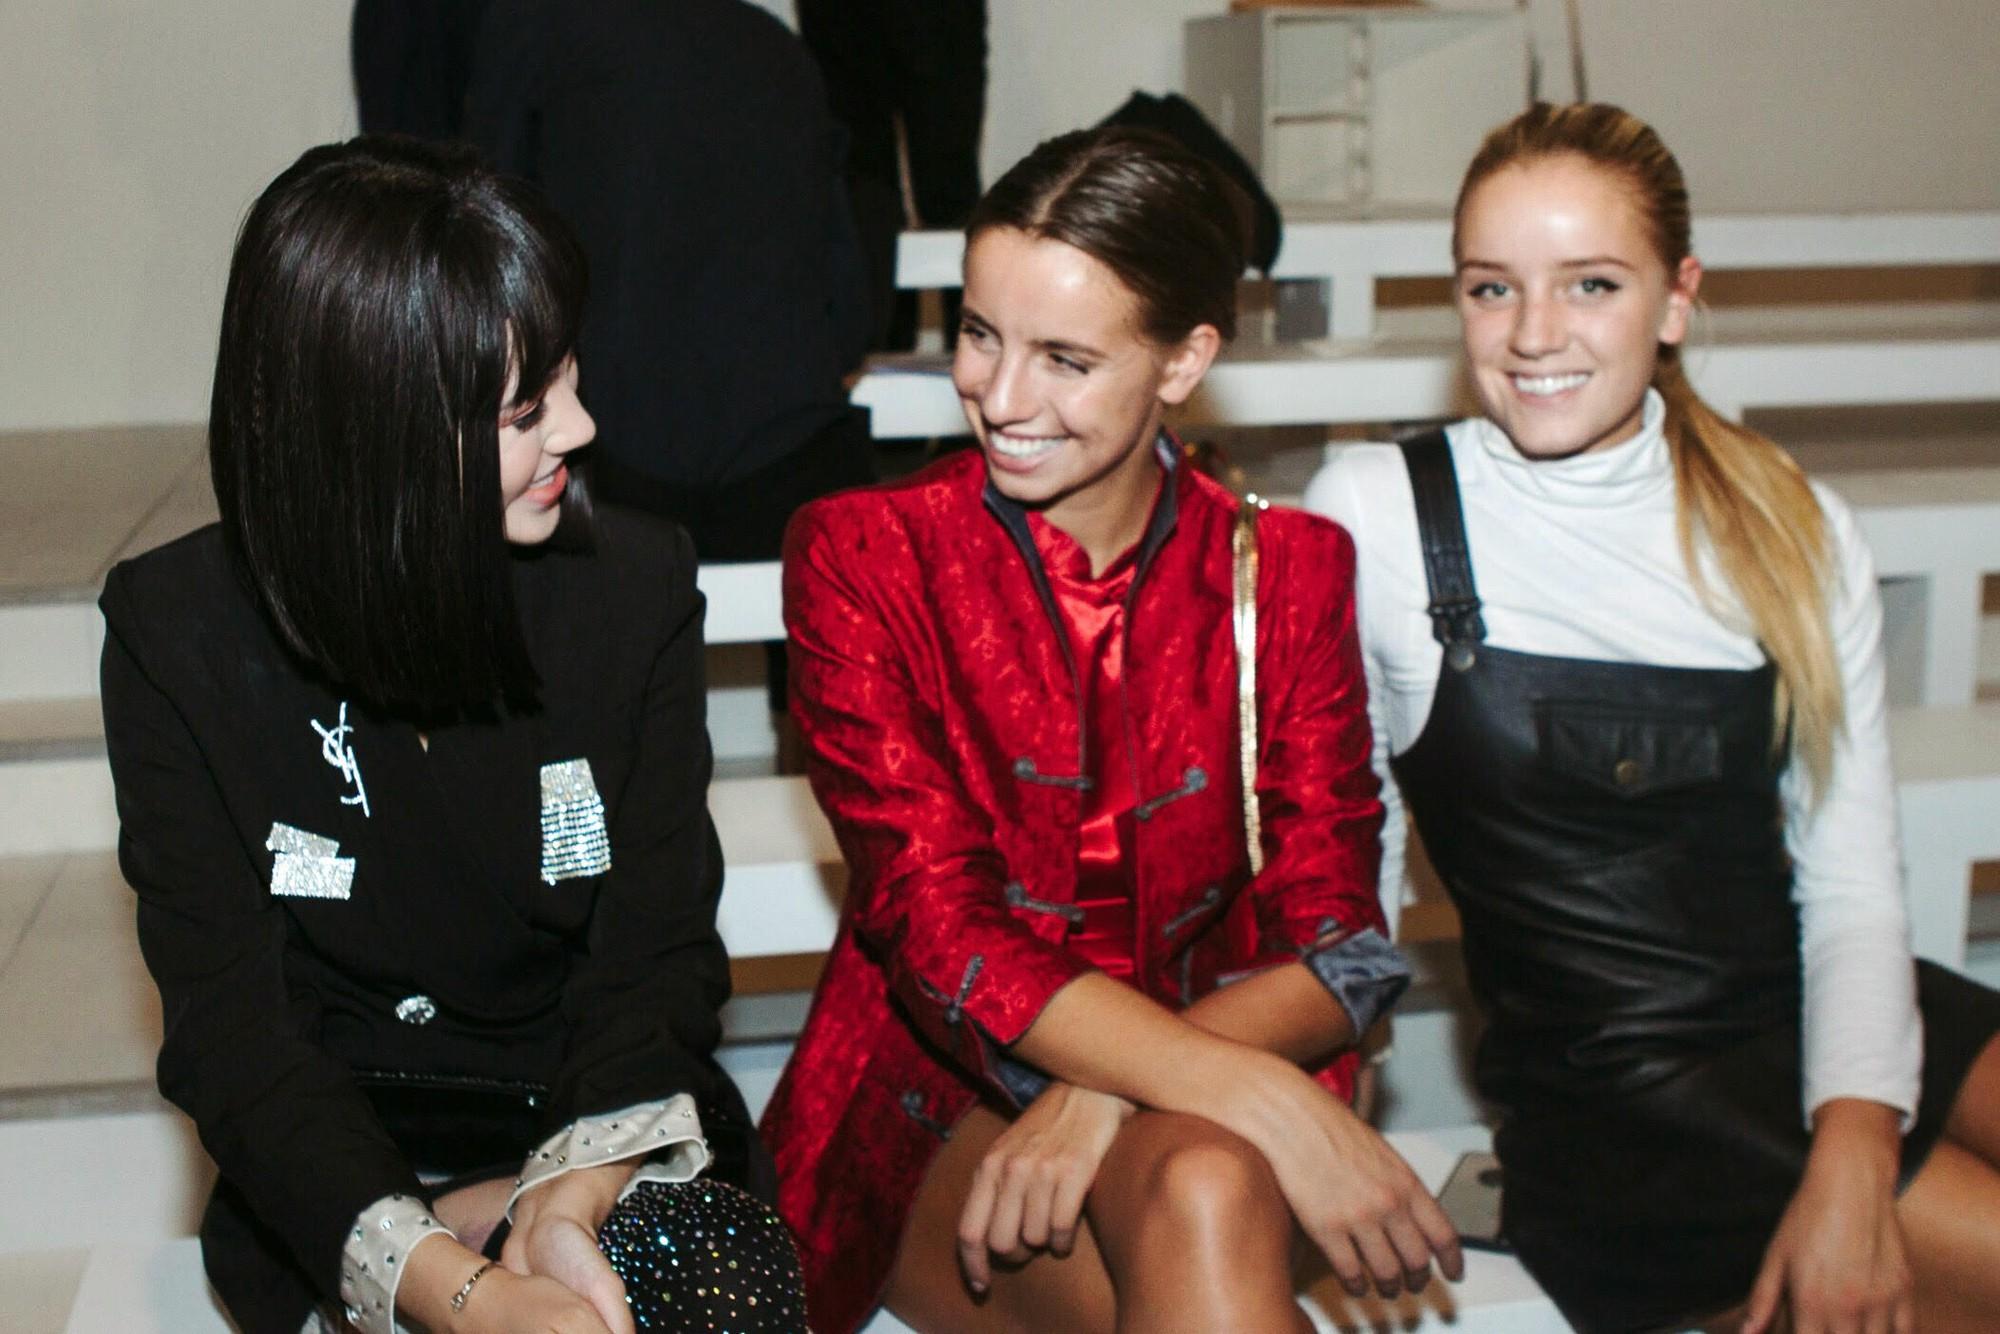 Bay show tới tấp tại London Fashion Week, Jolie Nguyễn vẫn giữ được phong độ thời trang trên hàng ghế đầu - Ảnh 3.